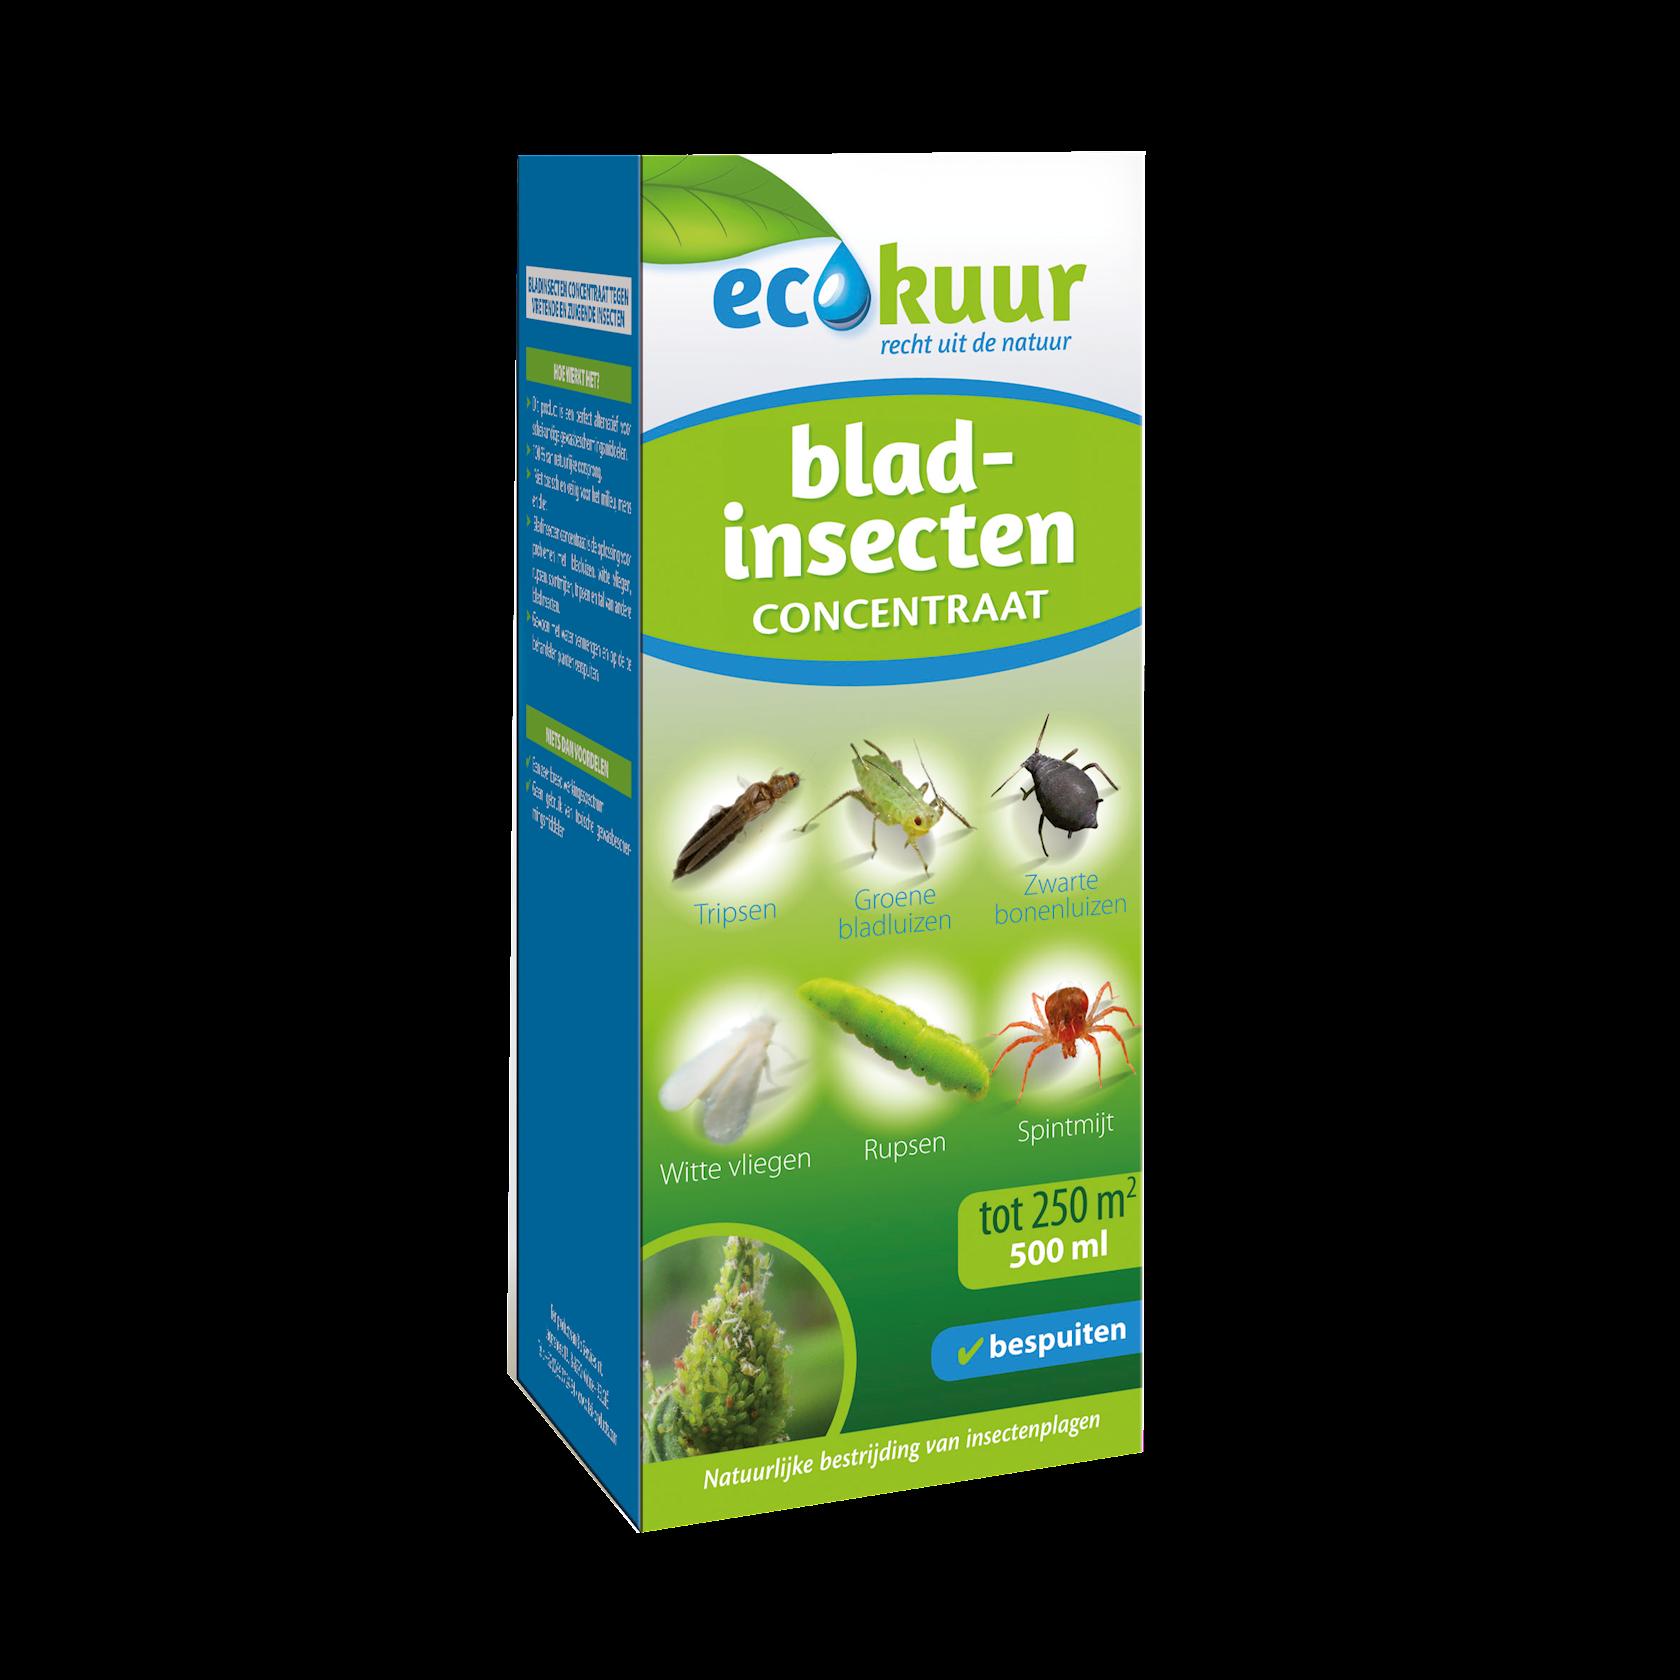 Ecokuur bladinsecten 500ml concentraat: tegen vretende en zuigende insecten